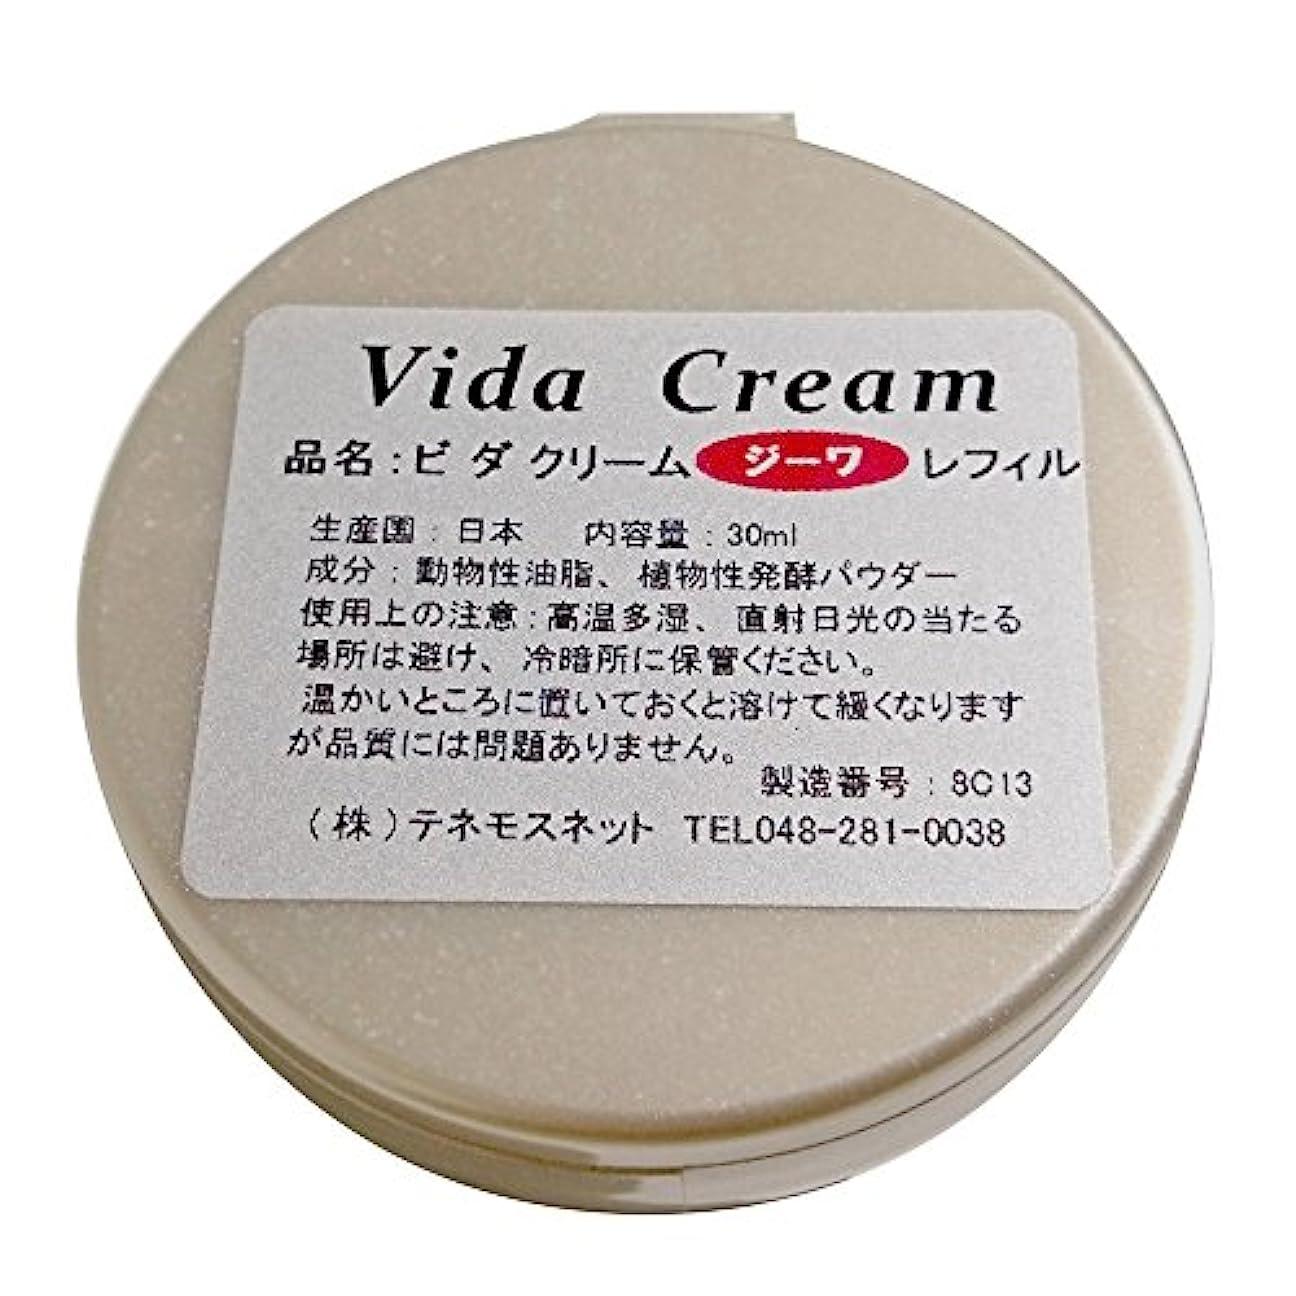 幾何学クリーナー香りテネモス ビダクリーム Vida Cream ジーワ レフィル 付替用 30ml